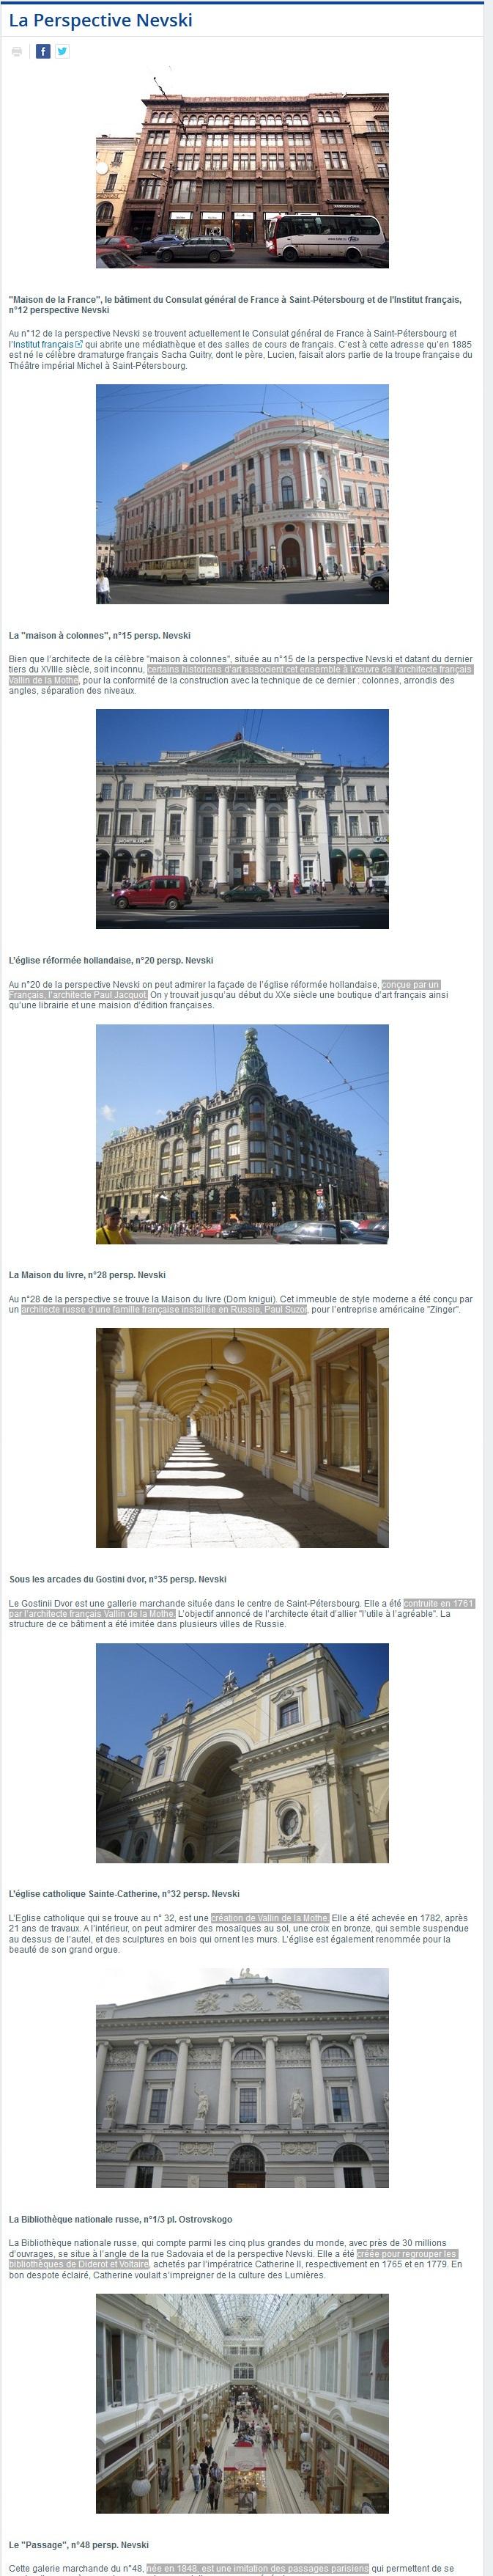 Saint-Pétersbourg, l'itinéraire français Ambafrance_La Perspective Nevski.jpg